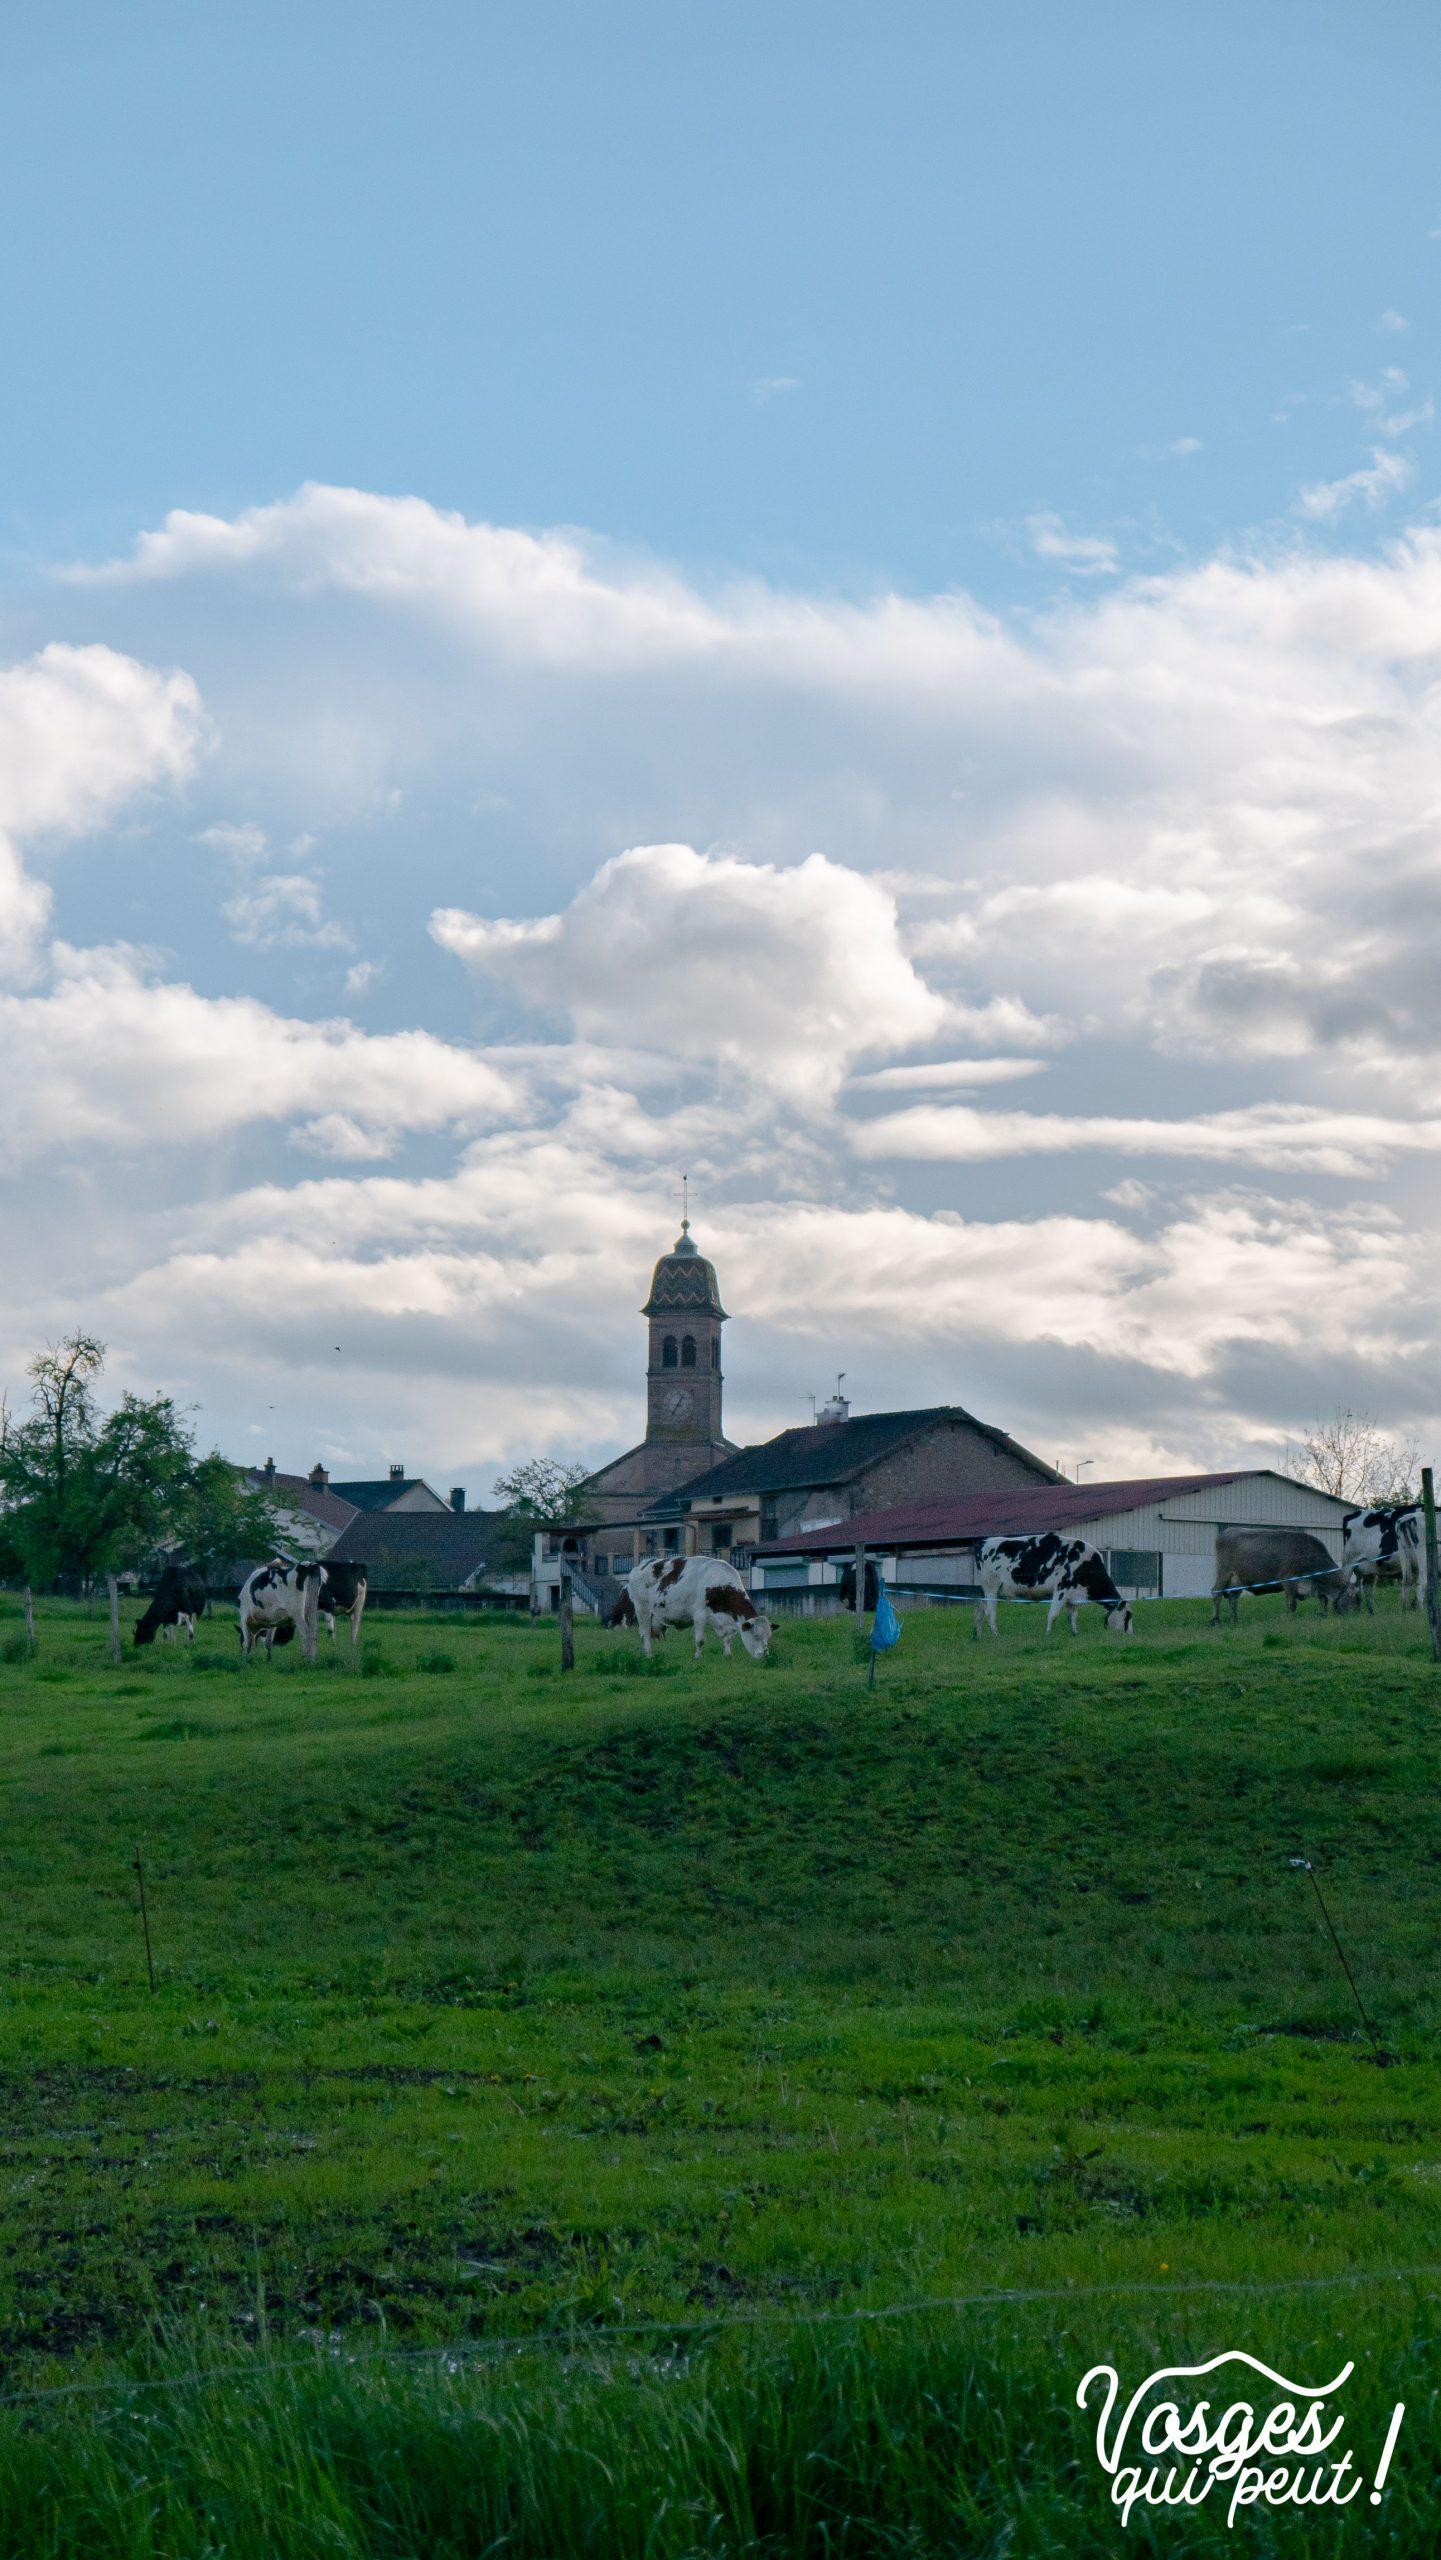 Église du village d'Écromagny et des vaches dans un pré